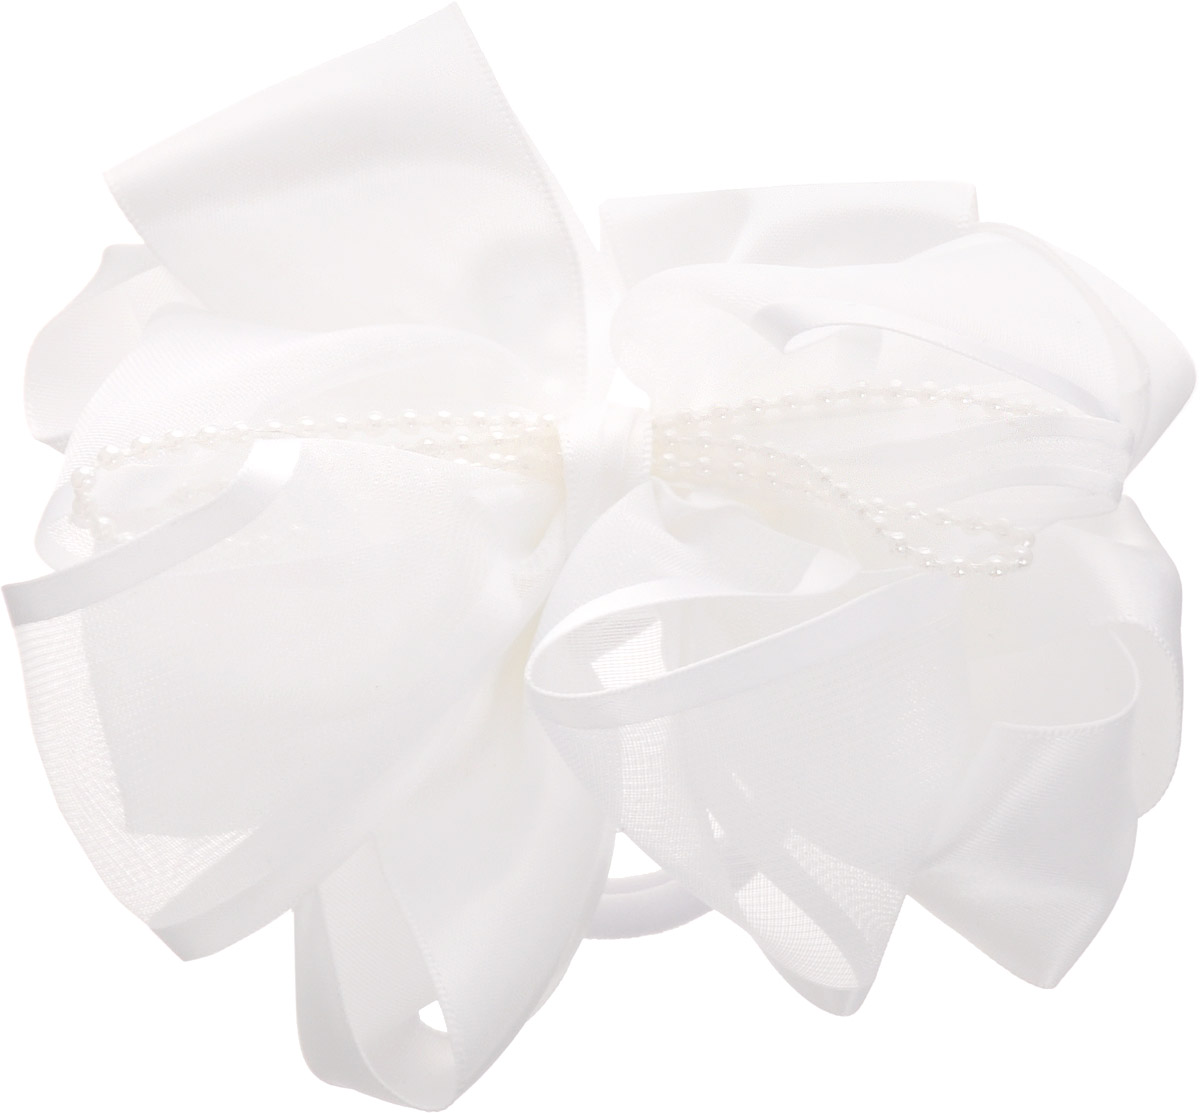 Baby's Joy Резинка для волос цвет белый с бусинами MN 203 baby s joy резинка для волос цвет белый с бусинами mn 203